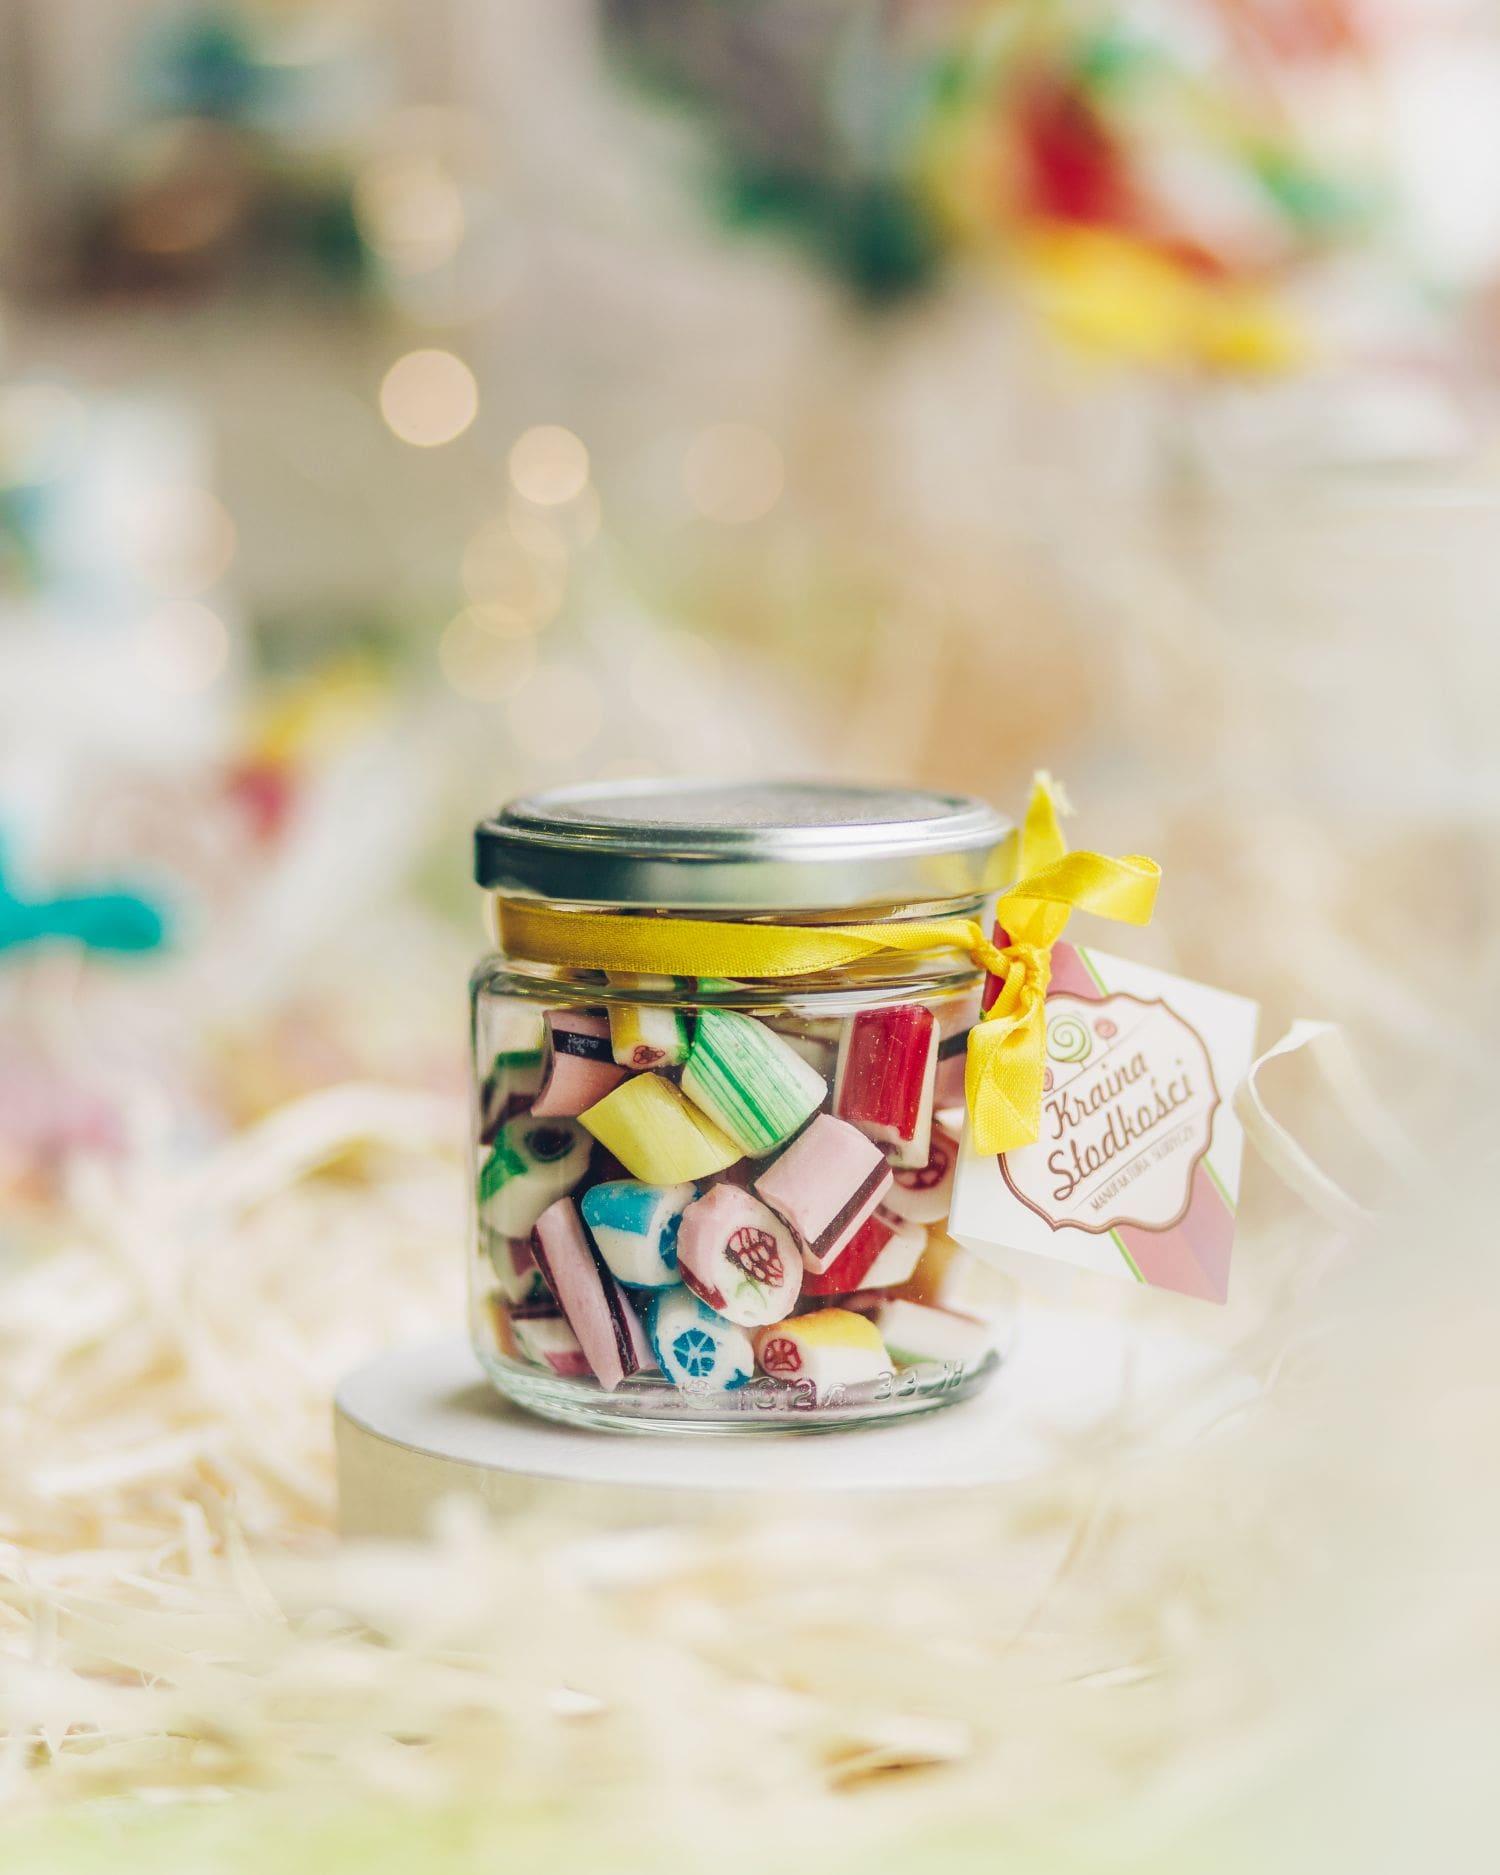 słodycze firmowe dla pracowników